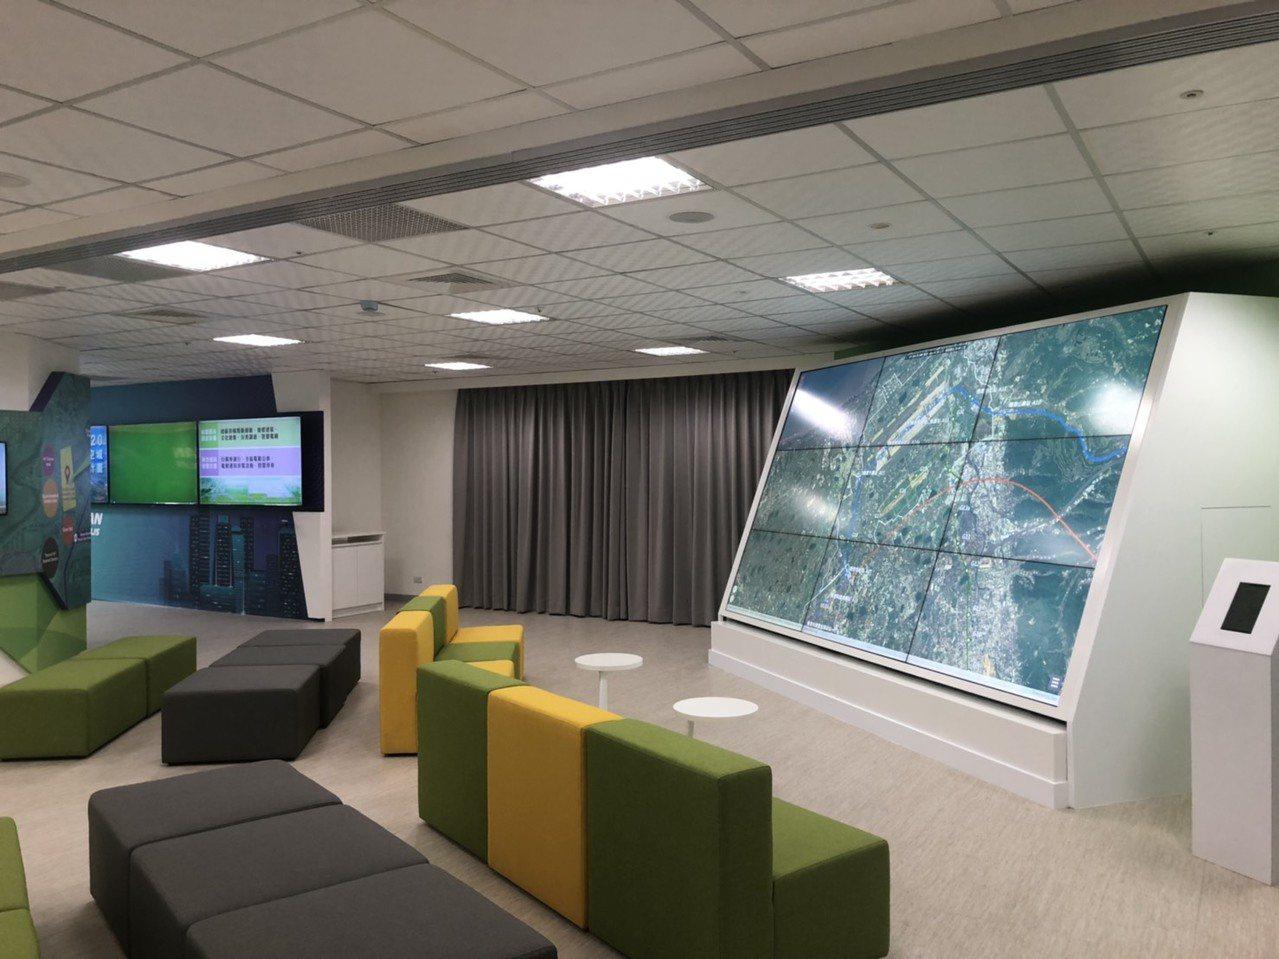 桃園航空城公司9月份搬進高鐵站前的國際金融雙星大樓,花五百多萬元裝潢,月租逼近3...